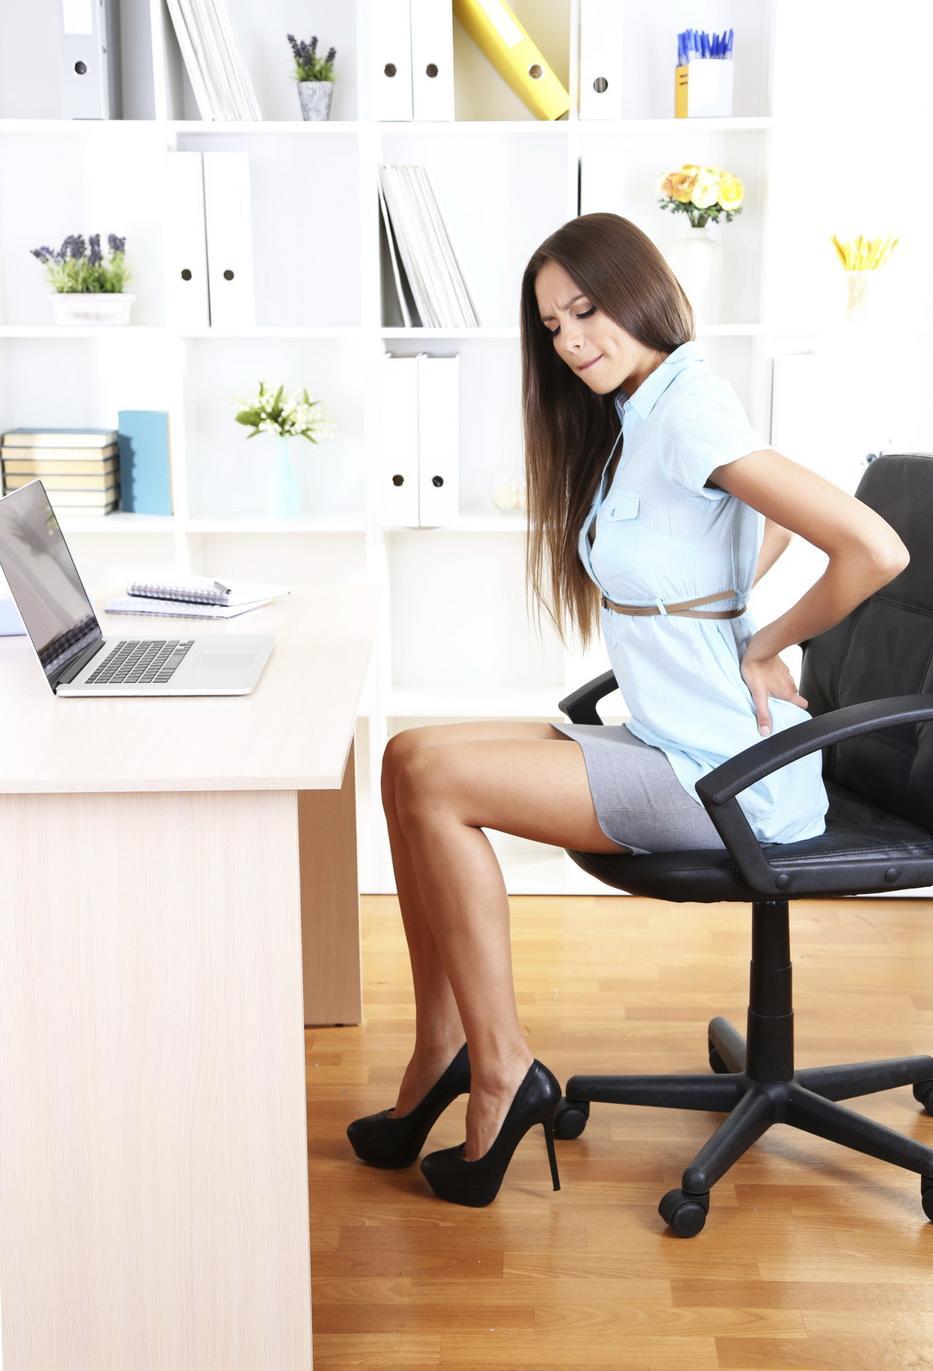 Üljön sokáig prosztatagyulladással. Biztos, hogy aranyér panasz? - Aranyér blog